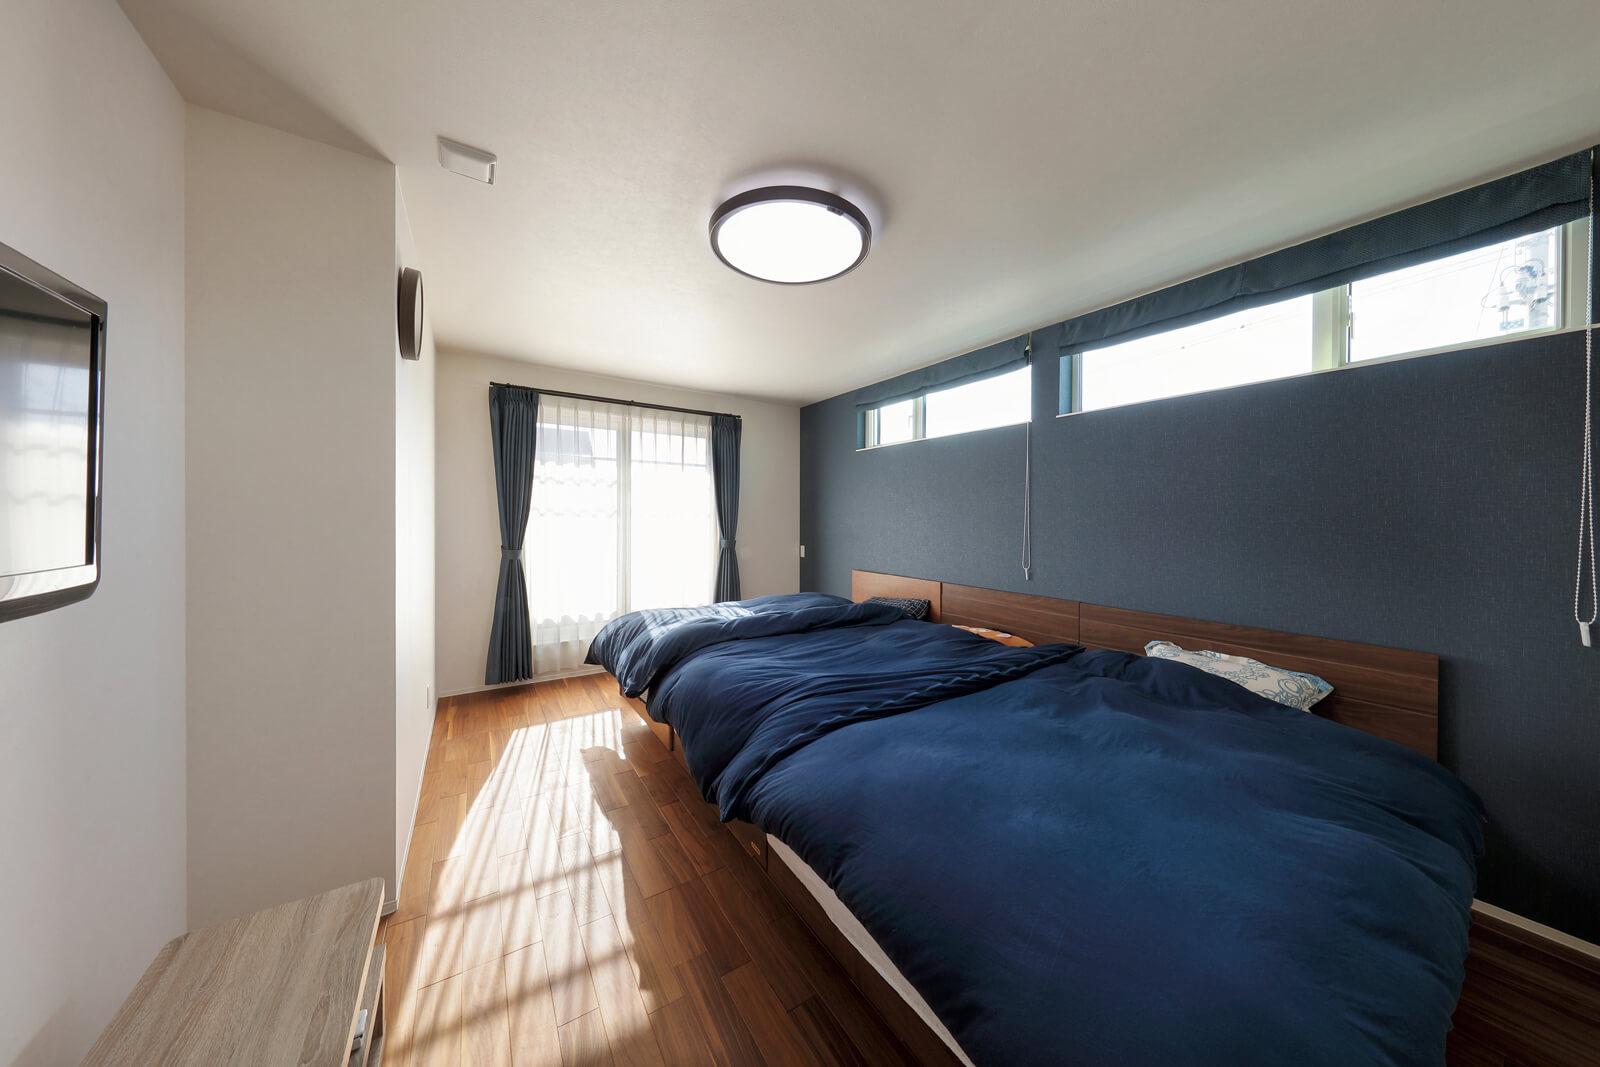 主寝室は11帖を超える広さ。子どもが大きくなり自室で就寝できるようになったらテーブルを置いてくつろぎスペースをつくりたい、とKさん